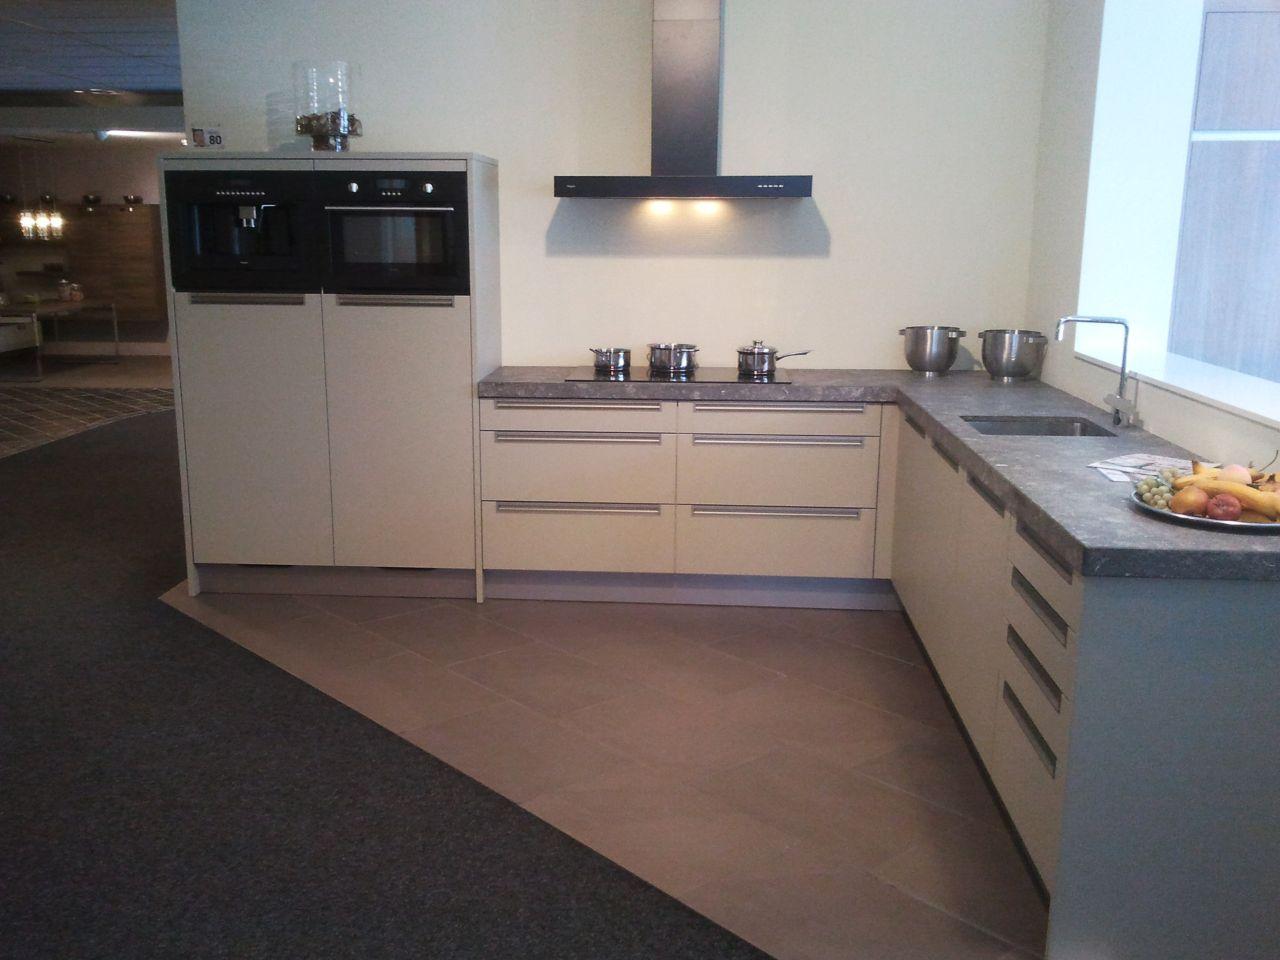 Showroomkeukens alle showroomkeuken aanbiedingen uit nederland keukens voor zeer lage keuken - Modele en ingerichte keuken ...